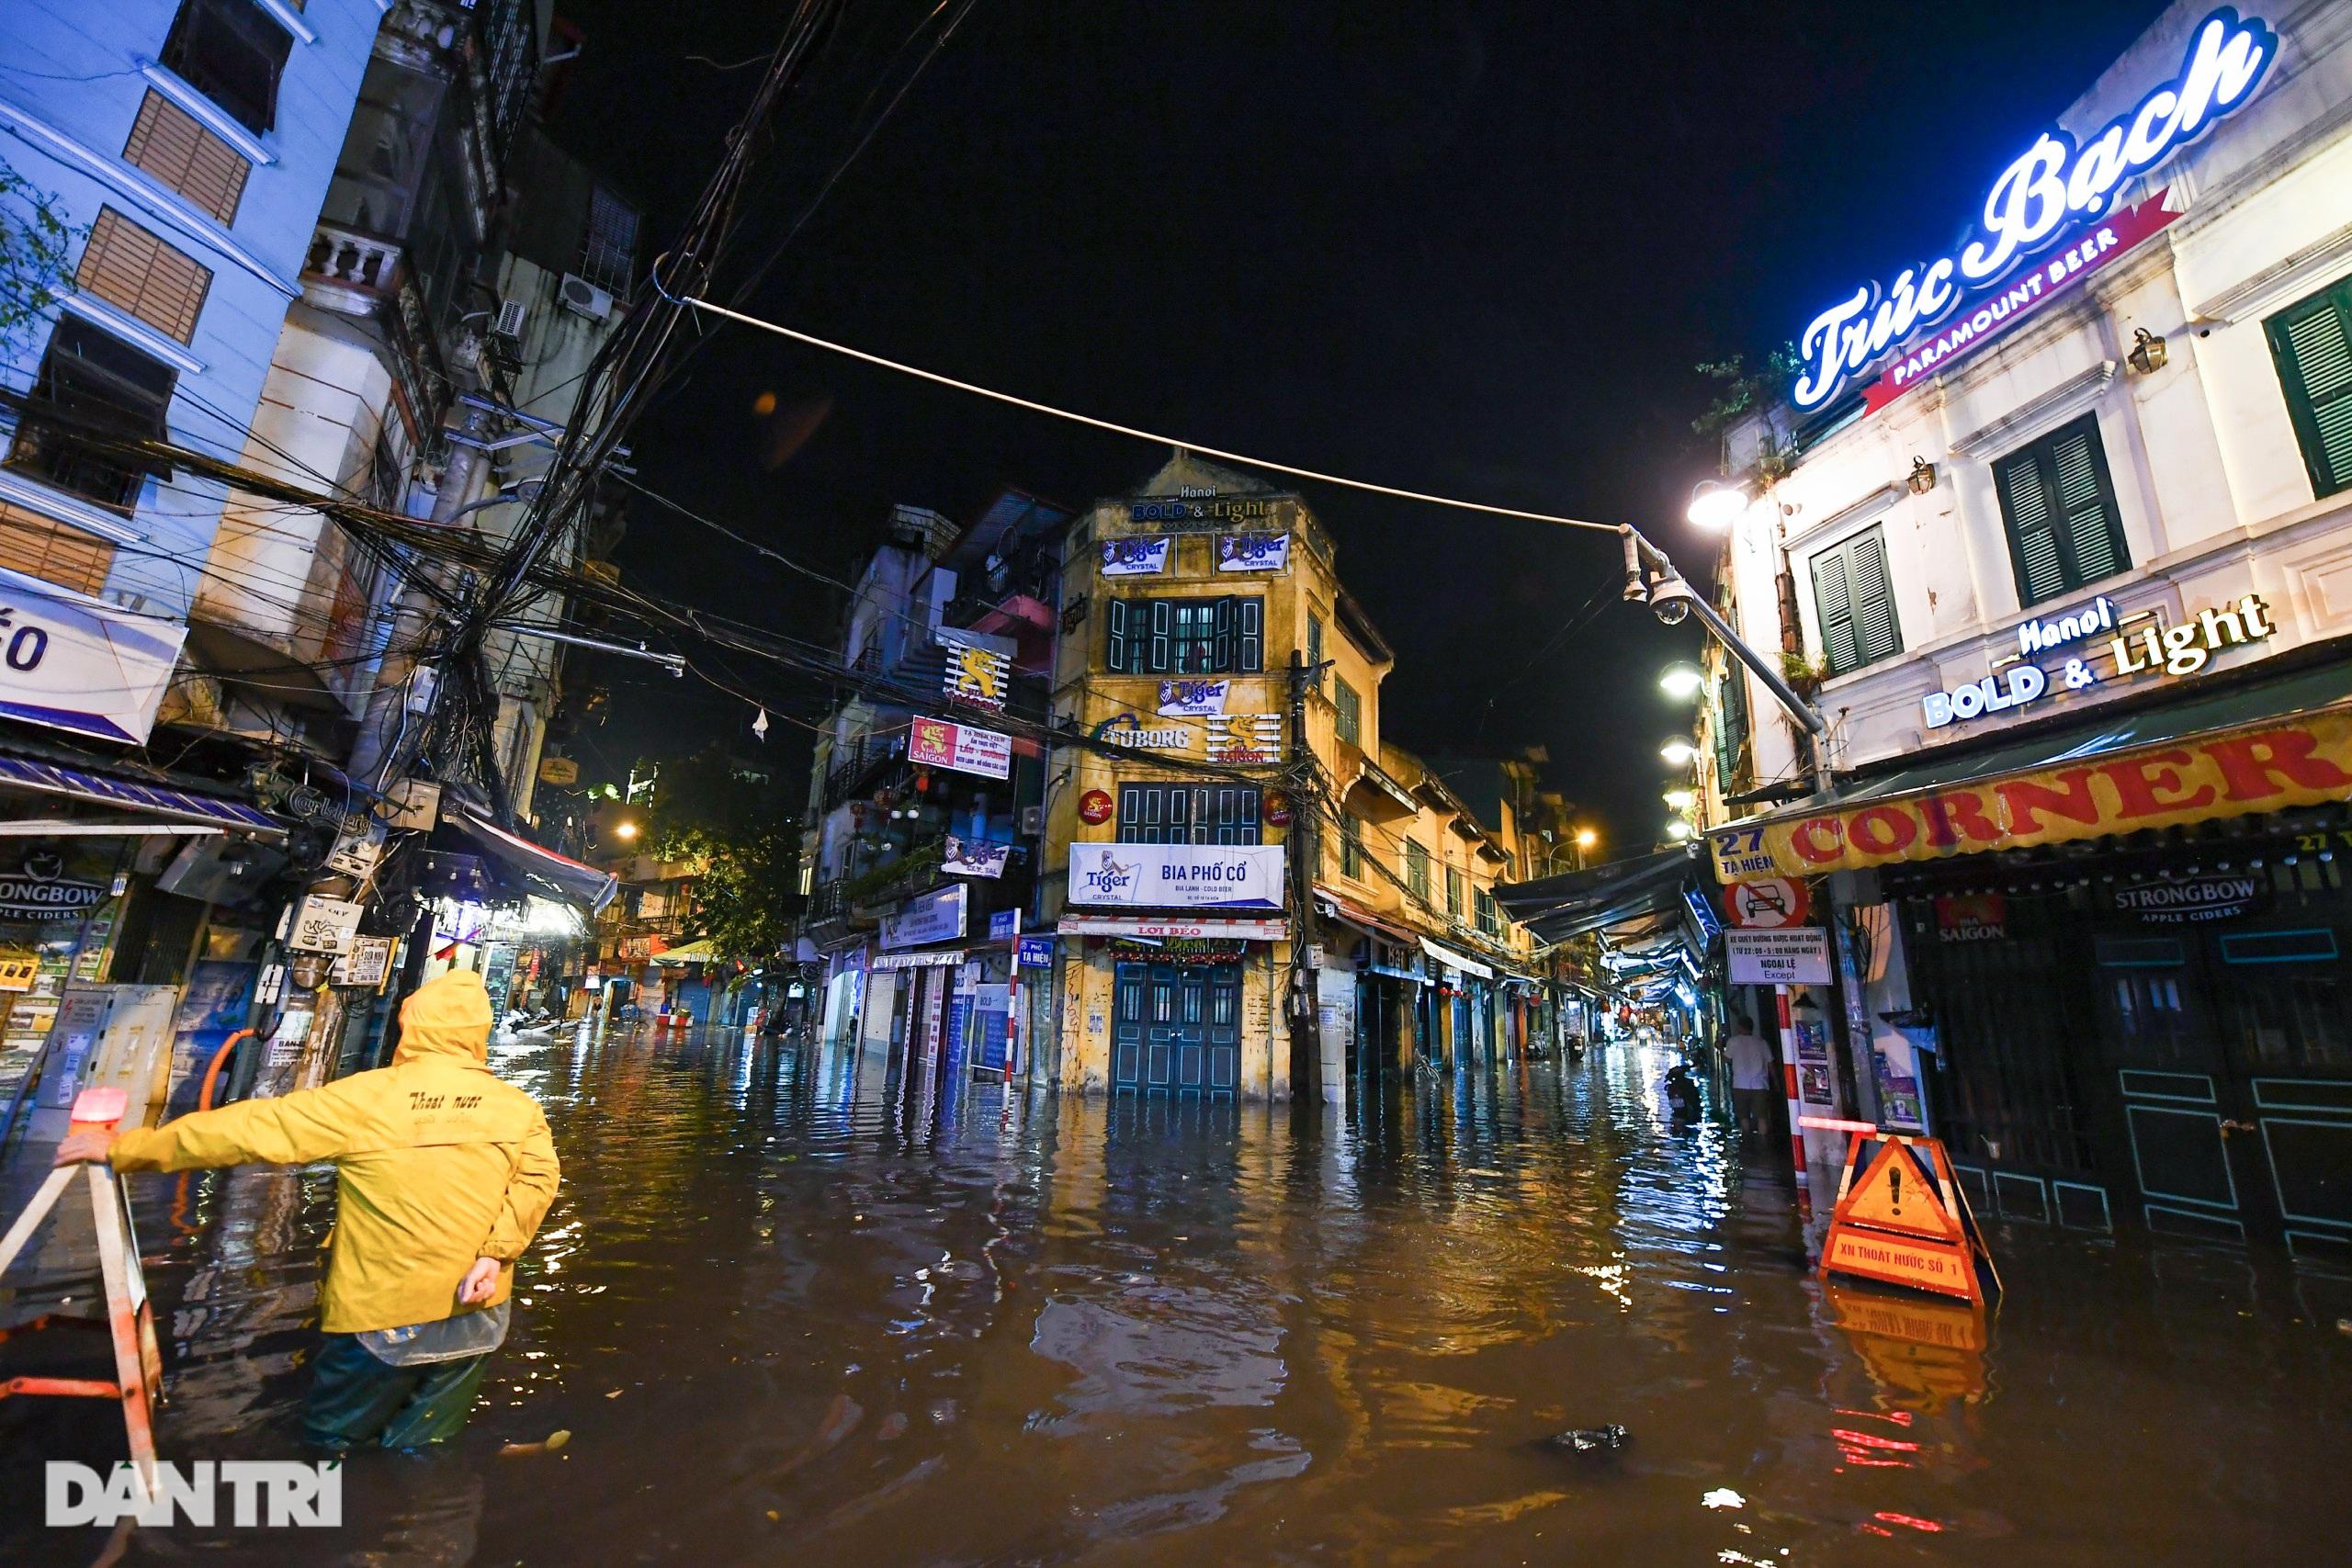 Hà Nội ngập sâu trong nước sau cơn mưa ngắn chưa đầy 1 tiếng đồng hồ - 4